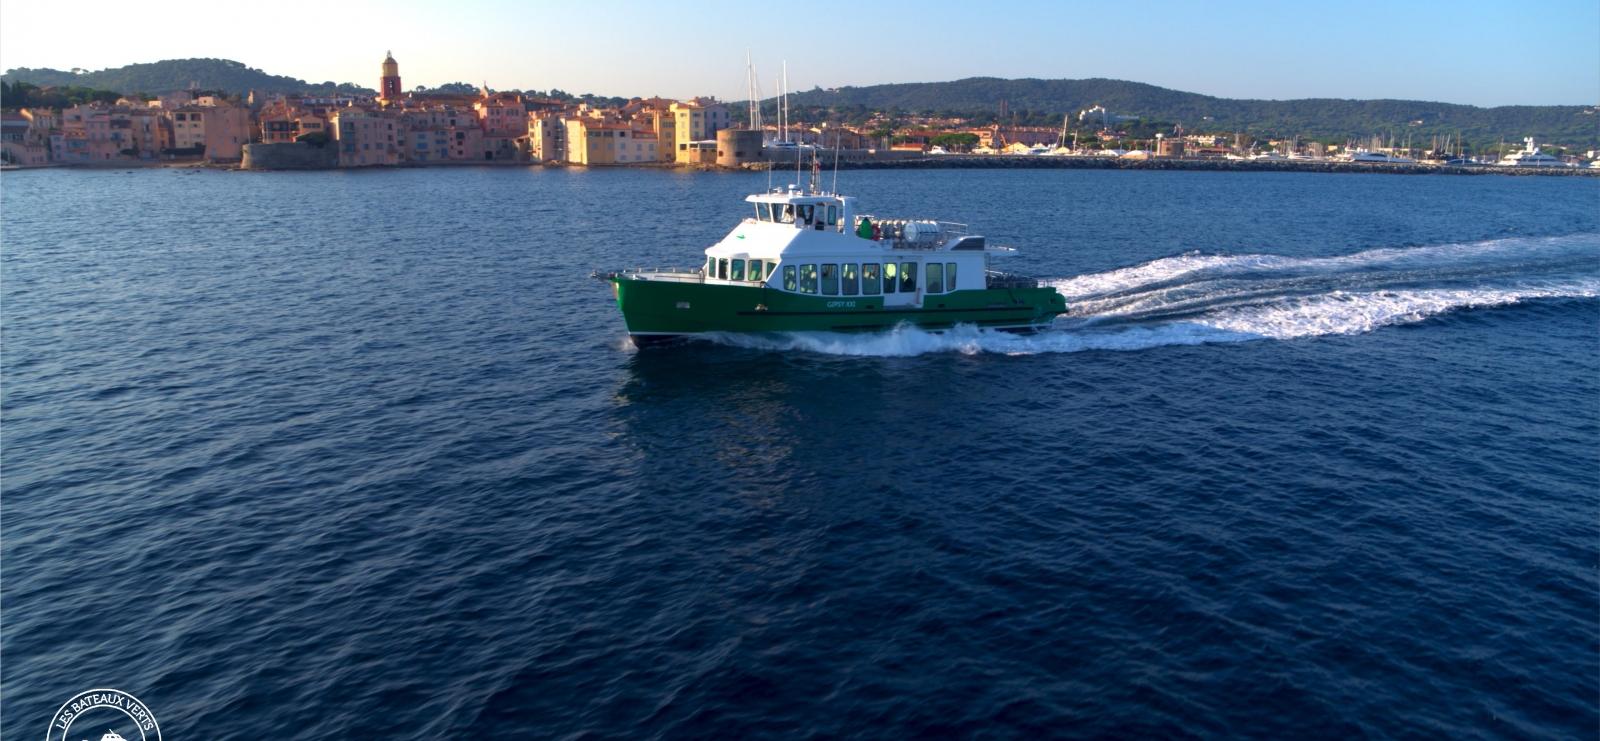 Les Bateaux Verts boat shuttle service to Saint-Tropez